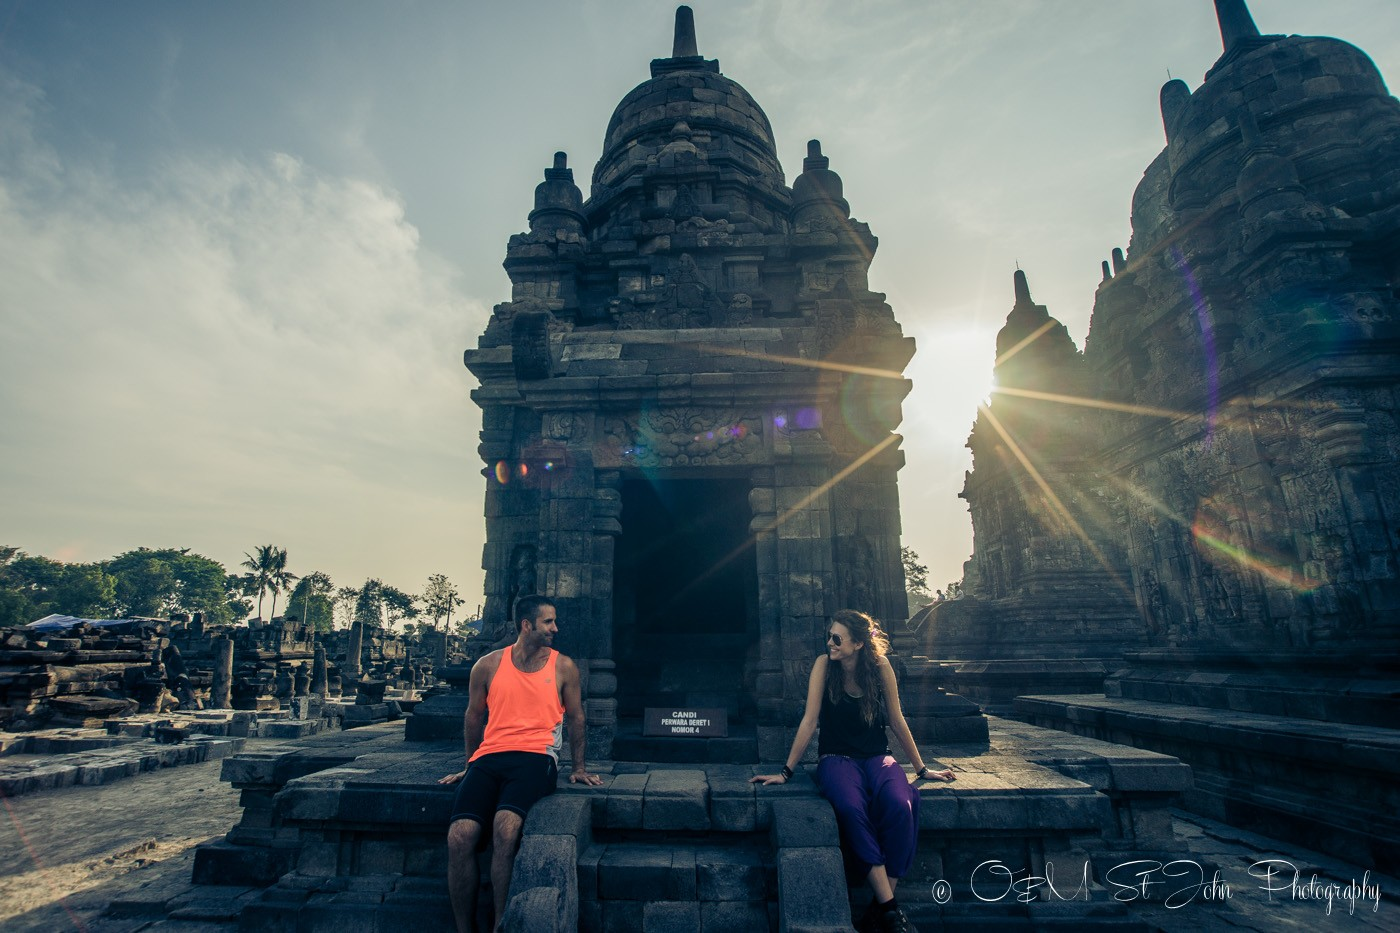 Max & Oksana at Prambanam, Indonesia